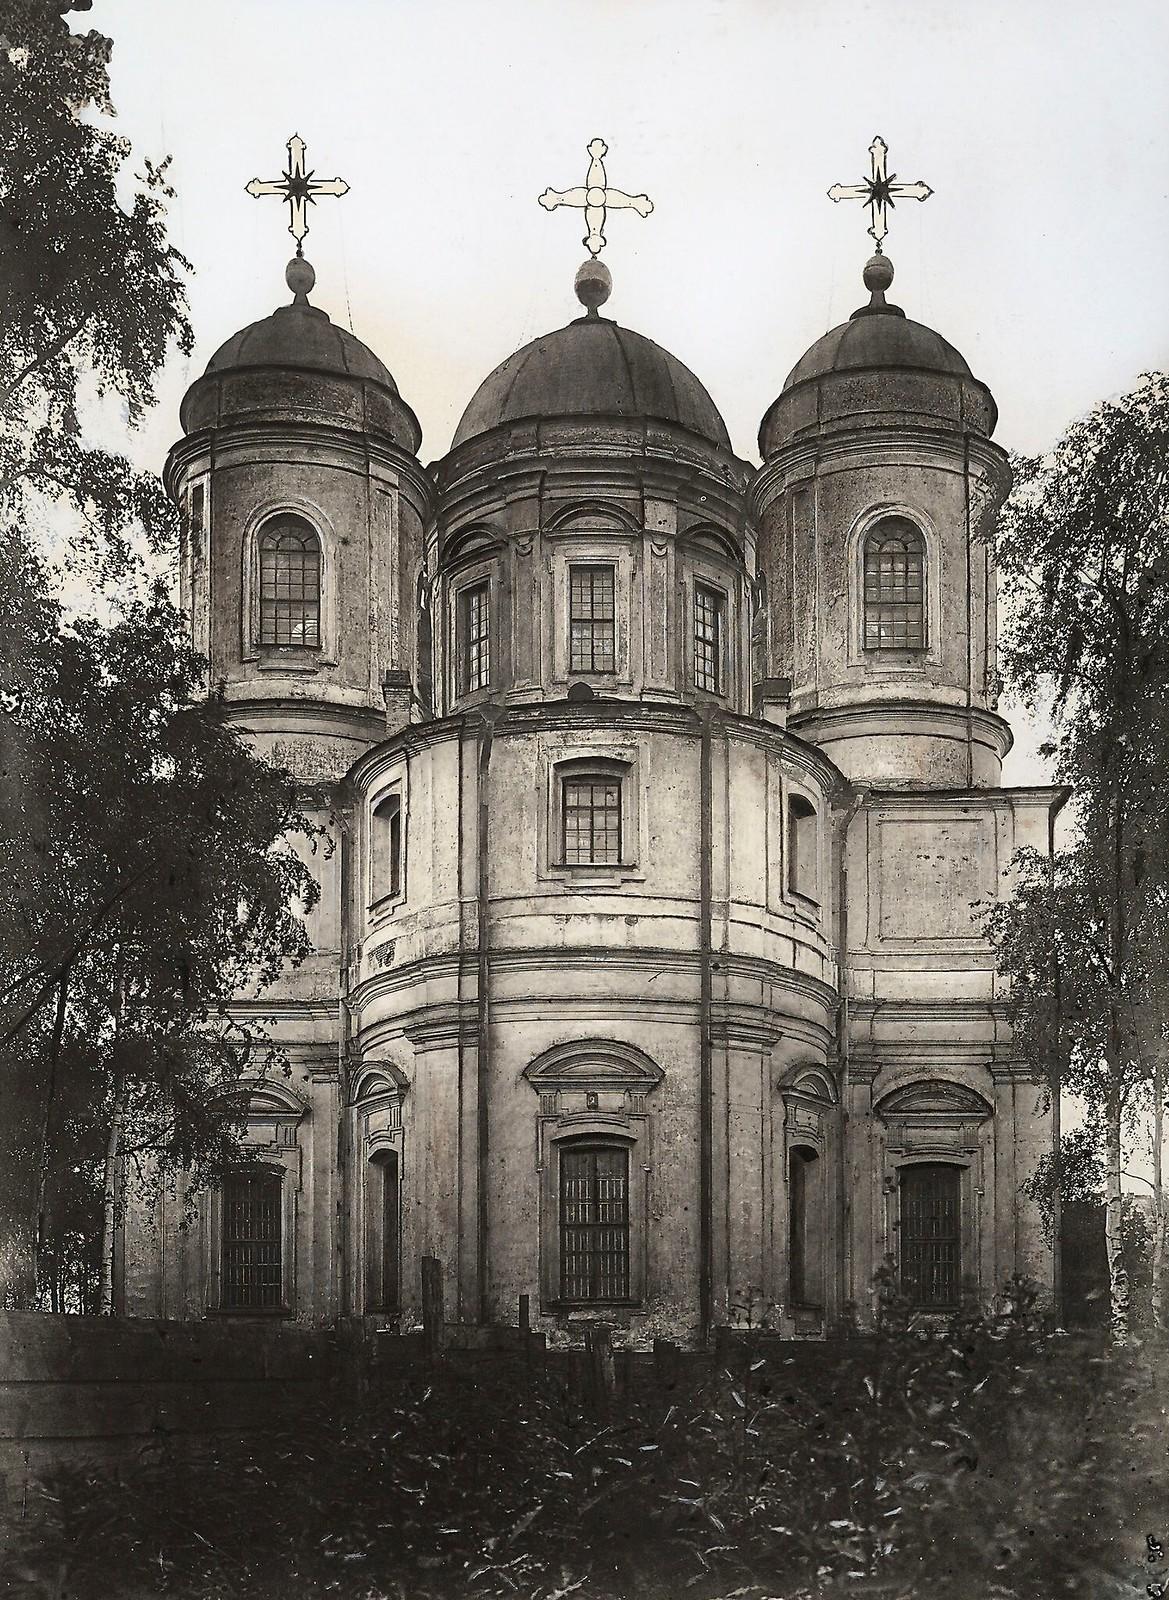 03. Вид на апсиду церкви Святого Владимира